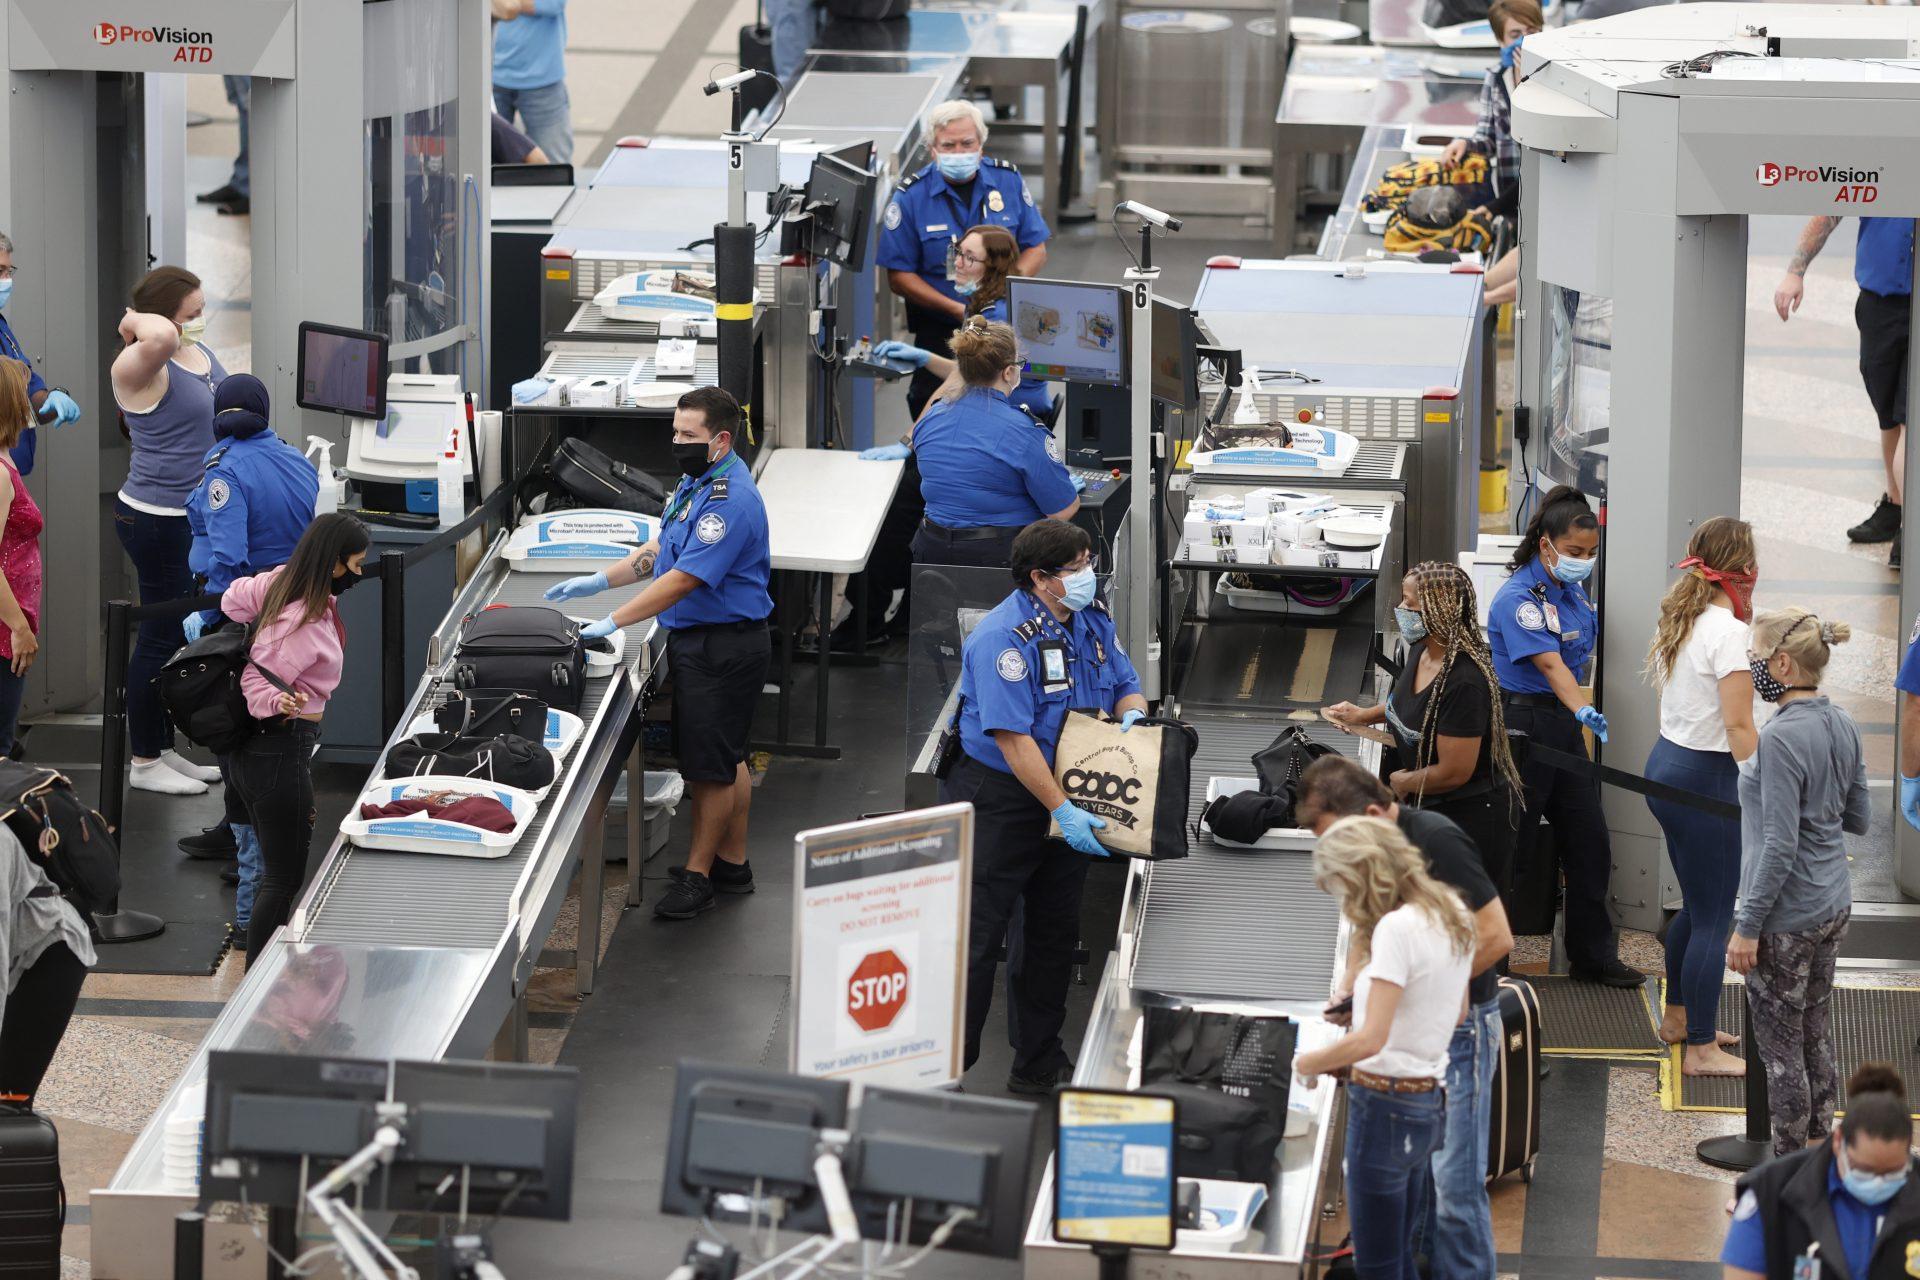 Whistleblower: TSA failed to protect staff, endangered passengers ...